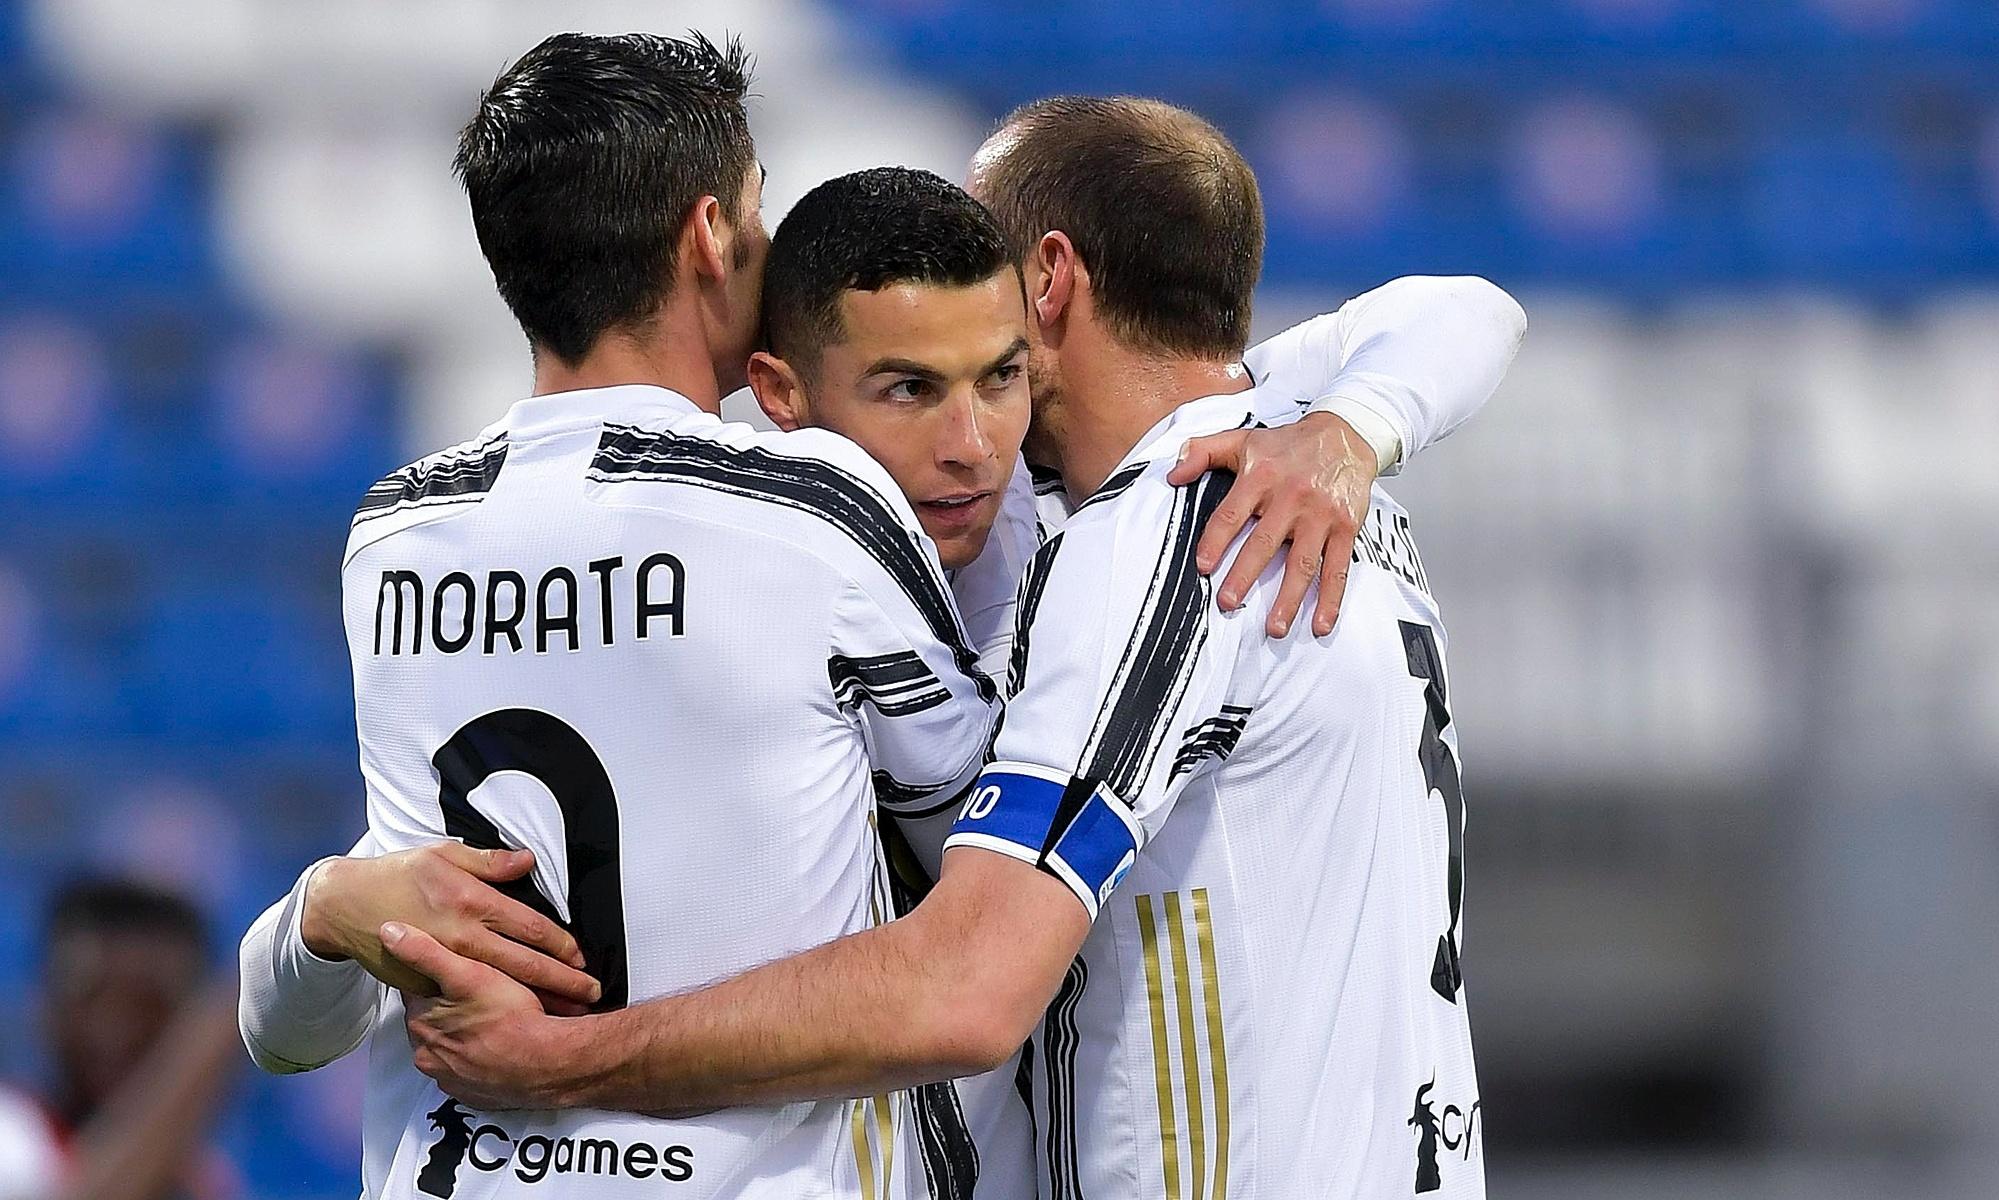 โรนัลโด้แบ่งปันความสุขของเขากับโมราต้าและกัปตันทีม Chiellini ในชัยชนะ 3-1 เหนือกายารีเมื่อวันที่ 14 มีนาคม  ภาพถ่าย: `` Juventus